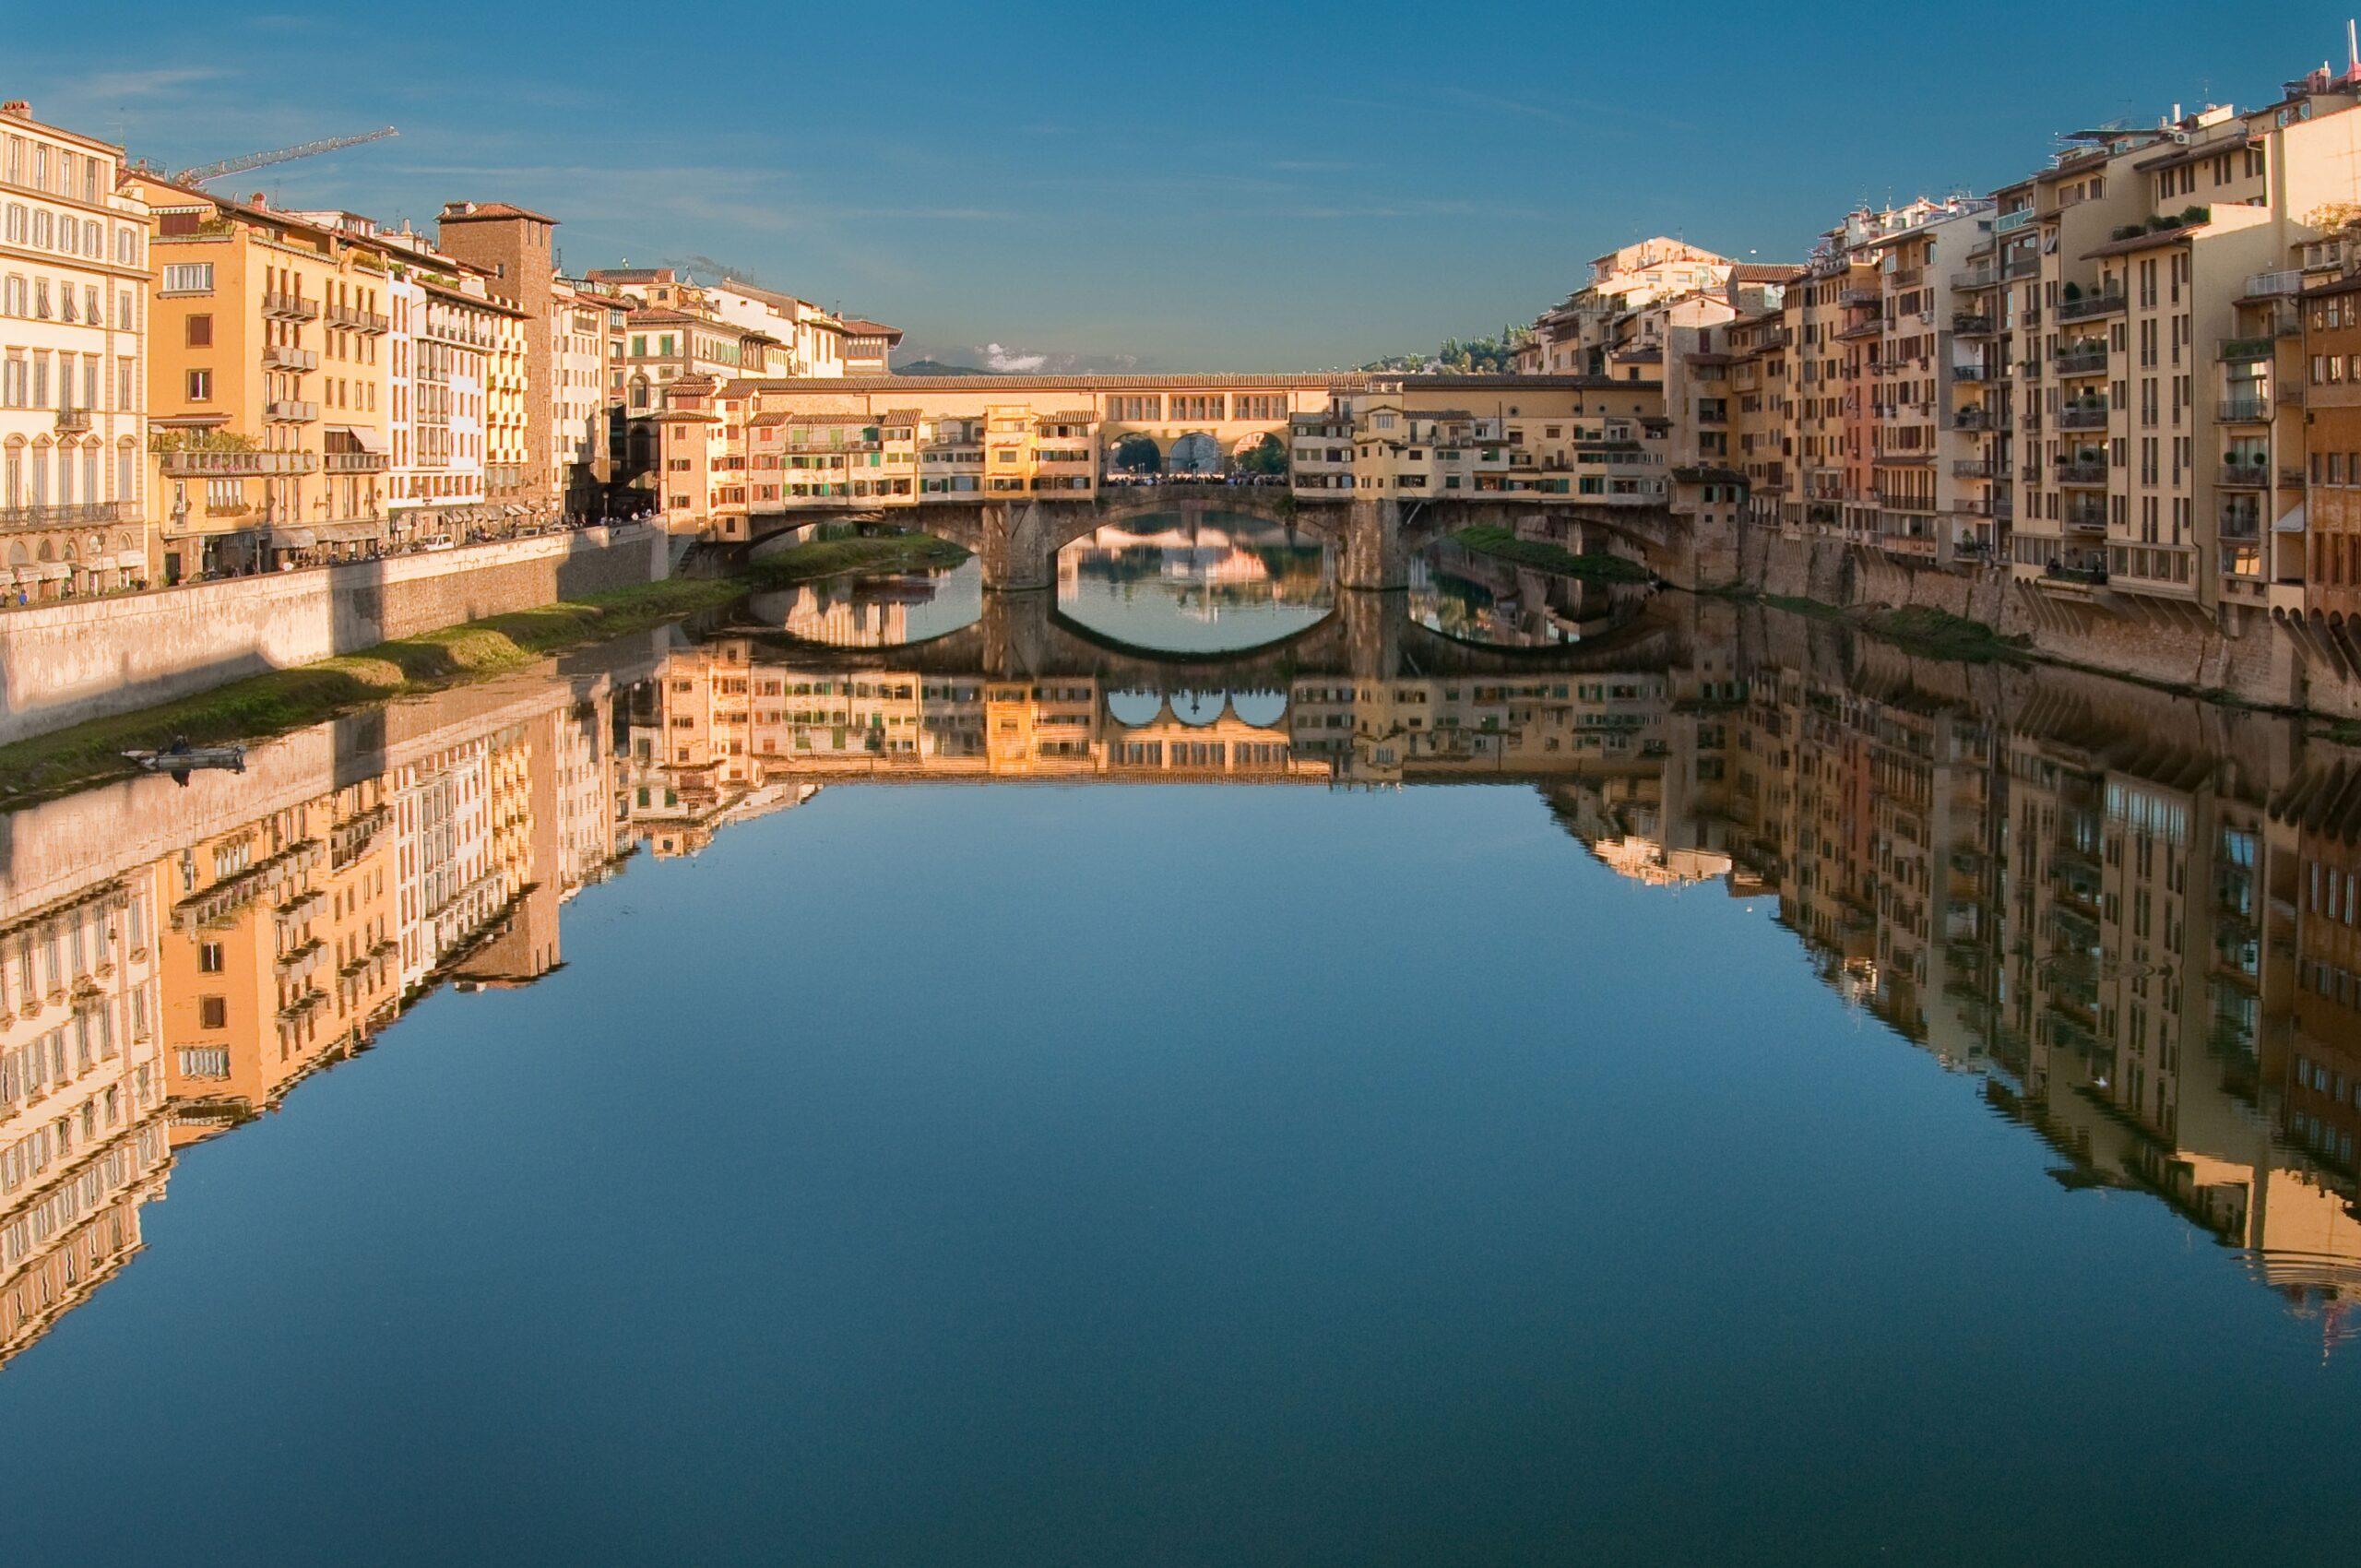 Ponte vecchio - Florence car tour